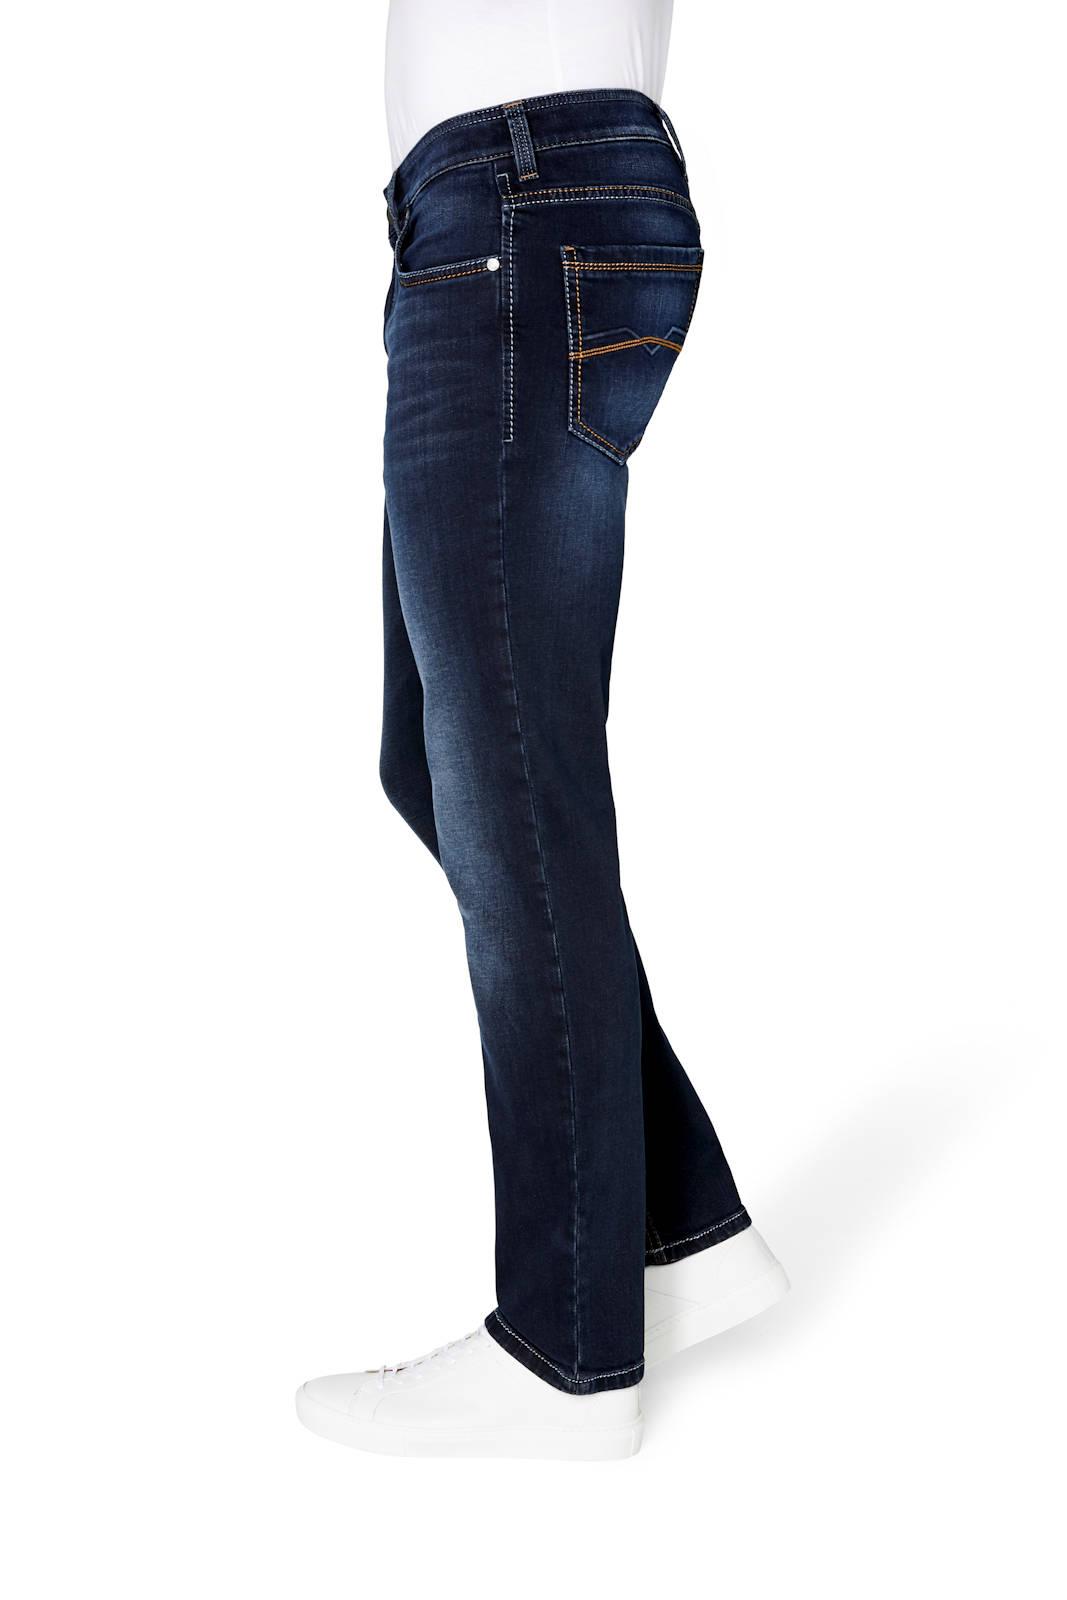 Atelier-GARDEUR-Jeans-BATU-2-Modern-Fit-Herren-Hose-Slim-Leg-Denim-NEU Indexbild 3